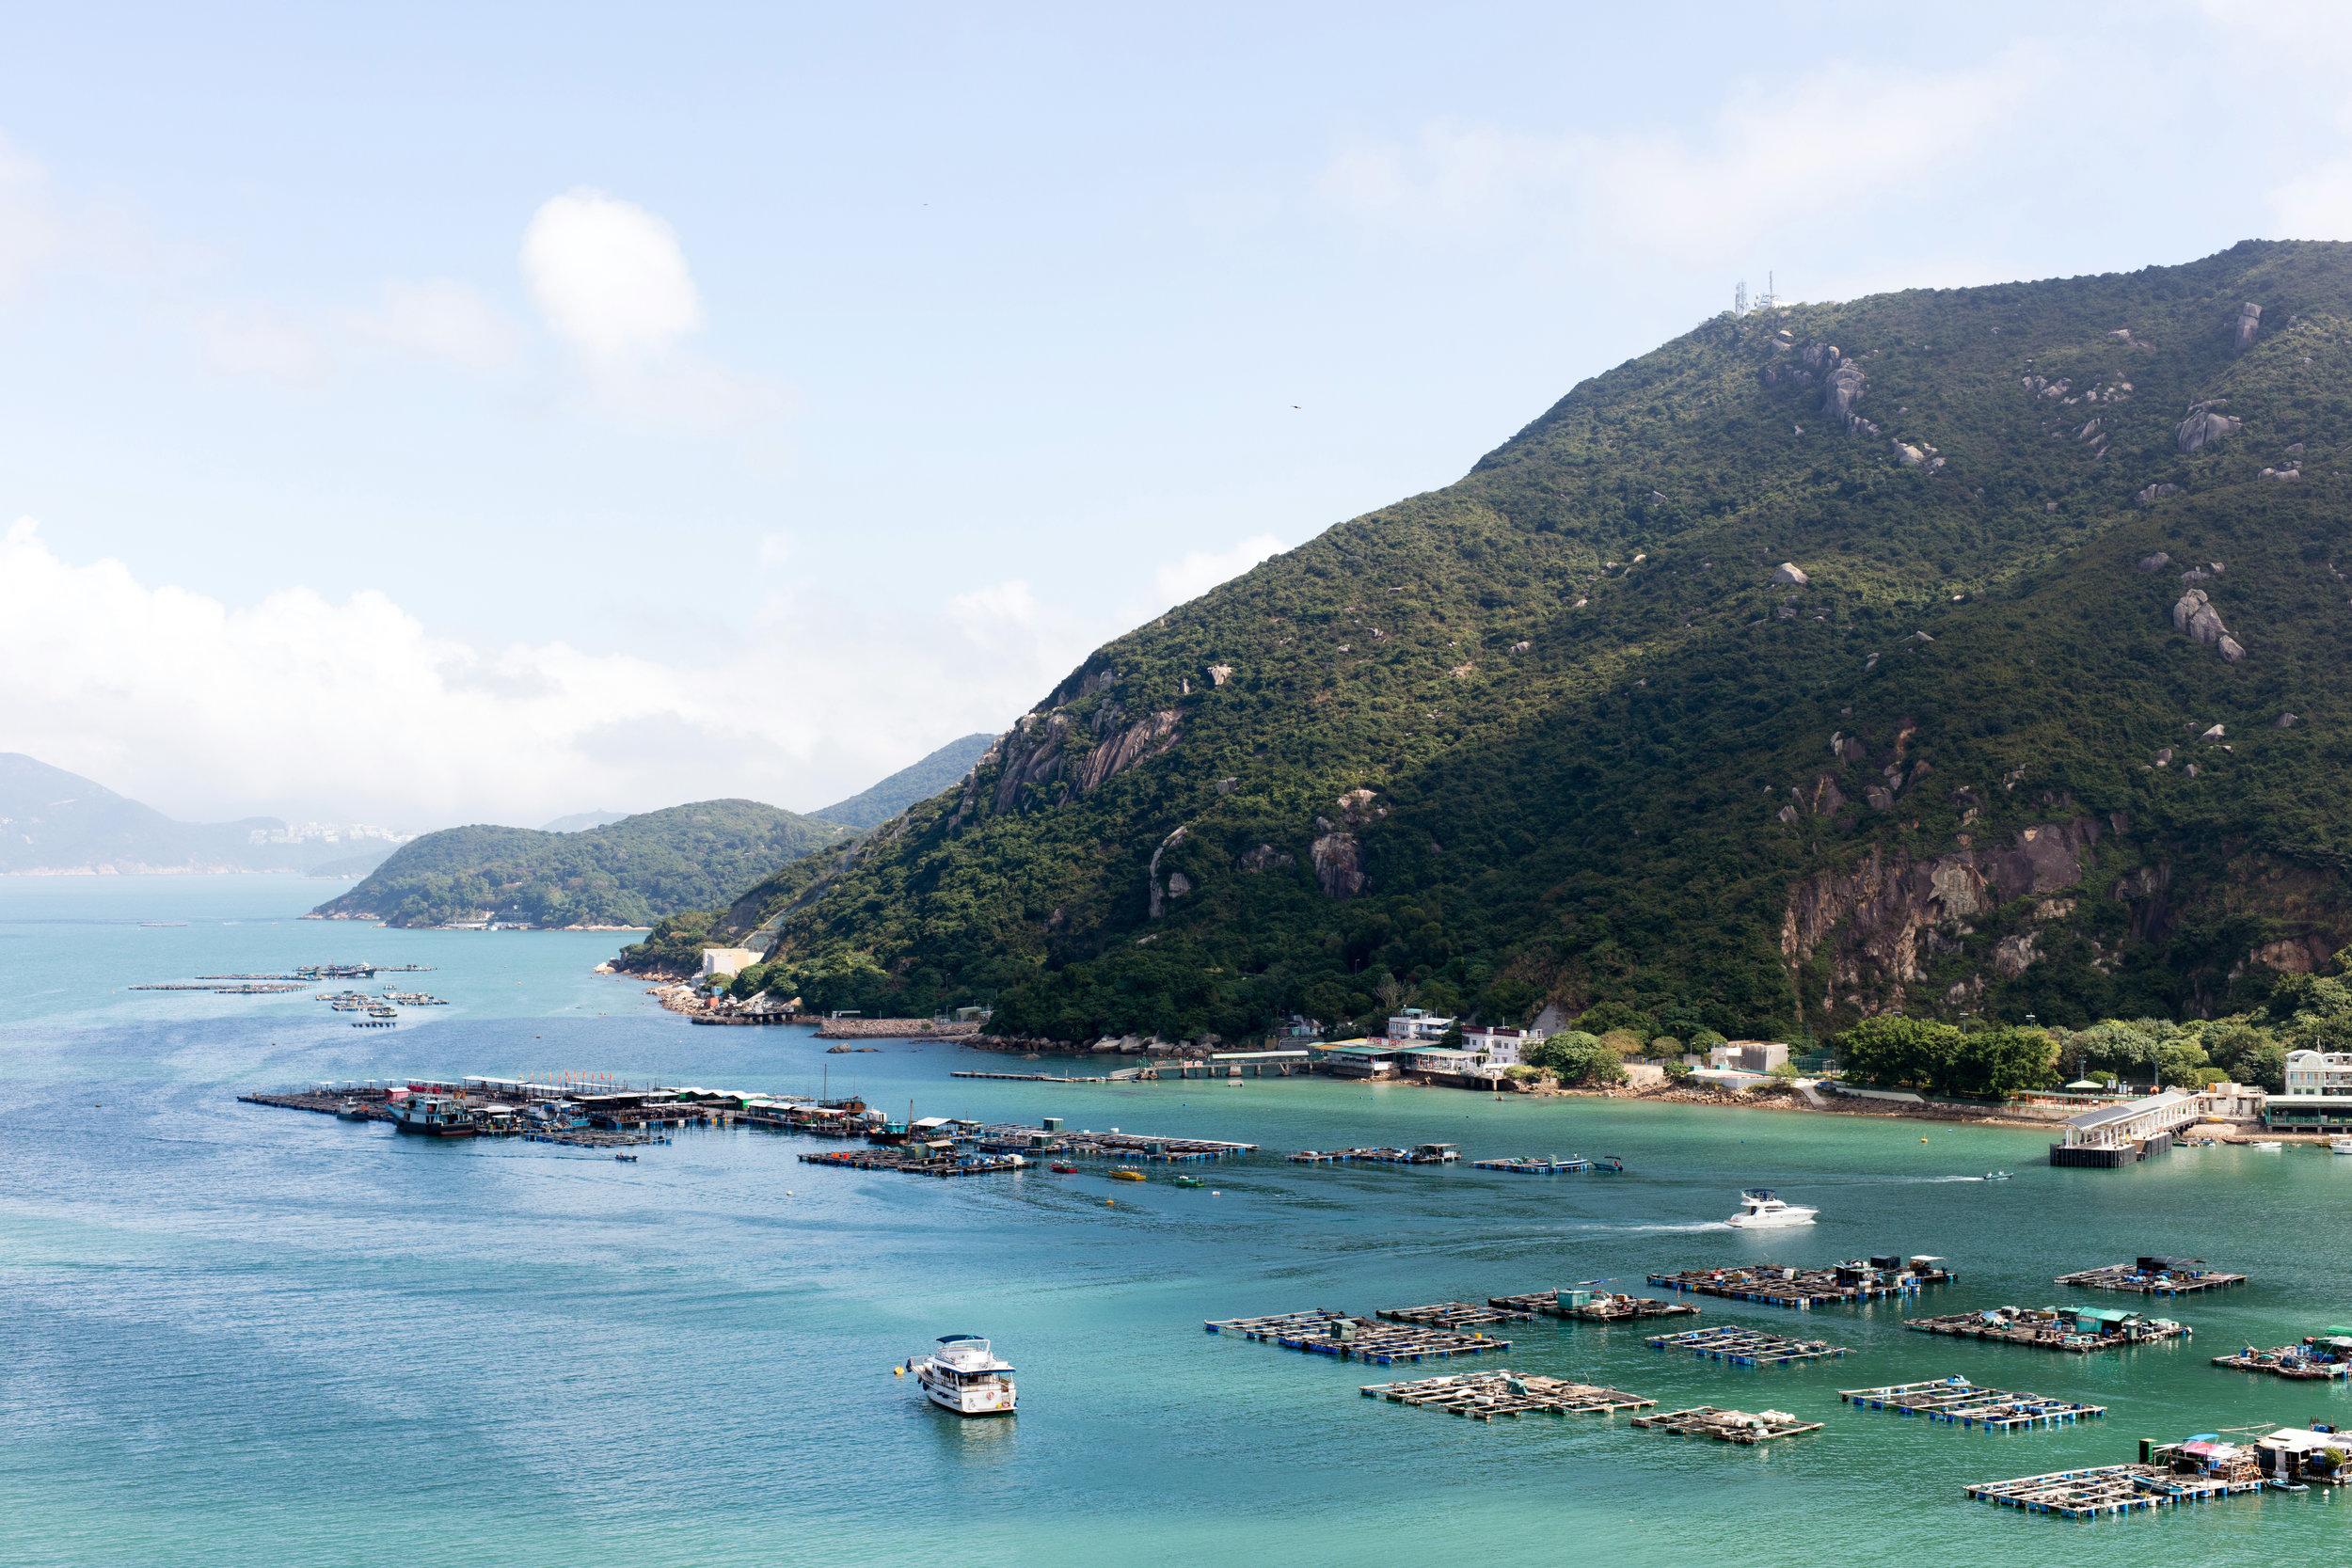 lamma_island-9213.jpg